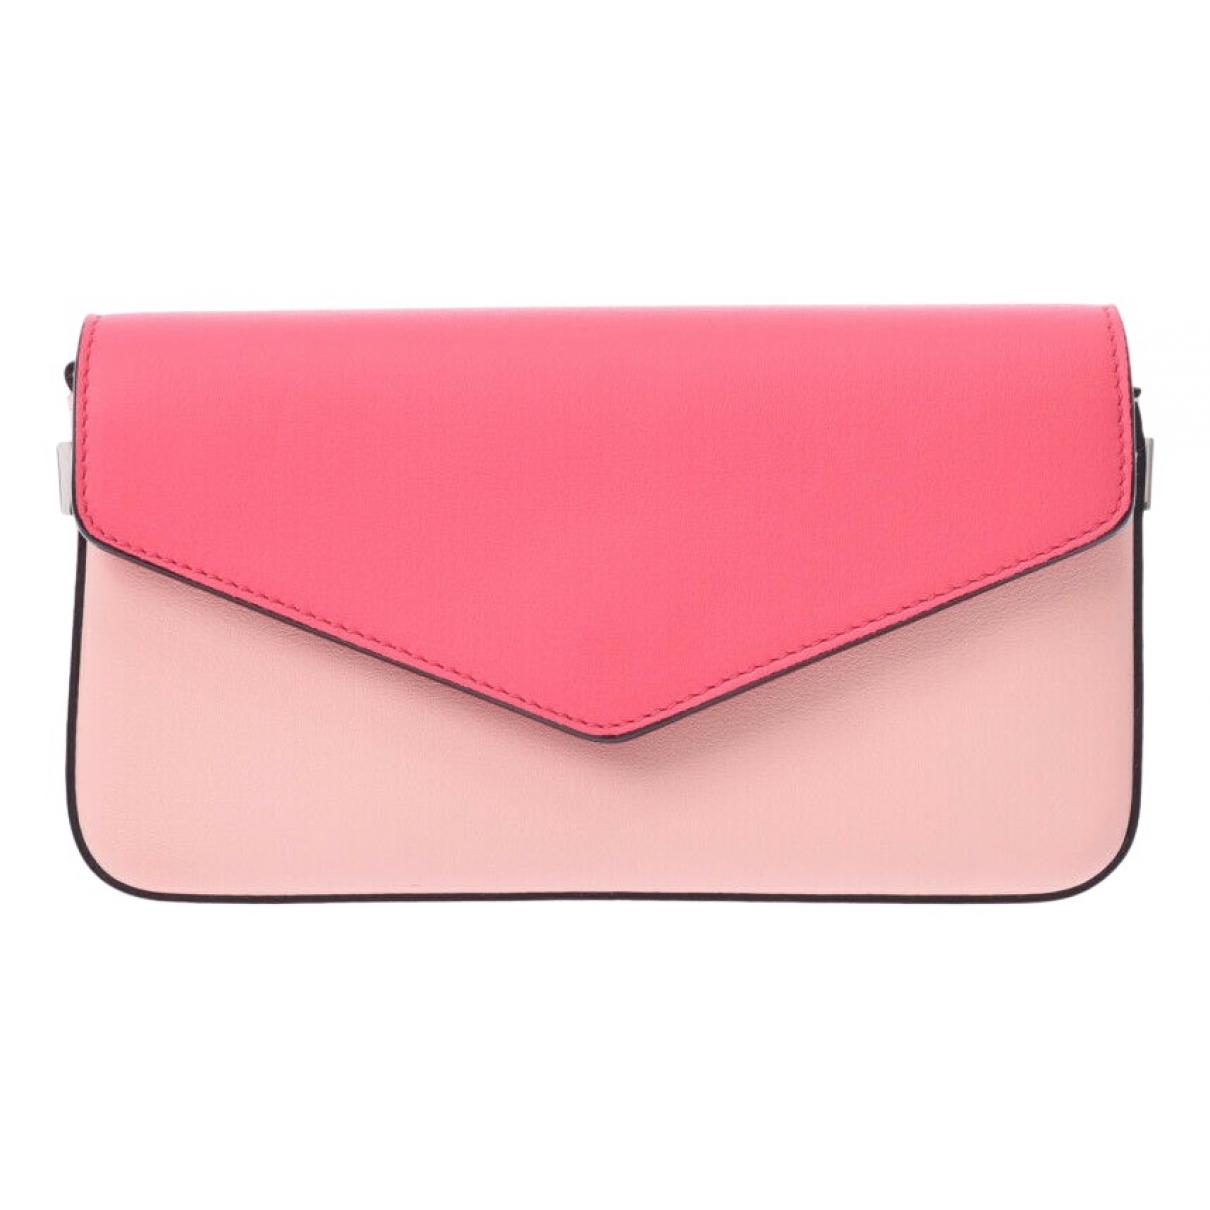 Dior - Pochette   pour femme en cuir - rose